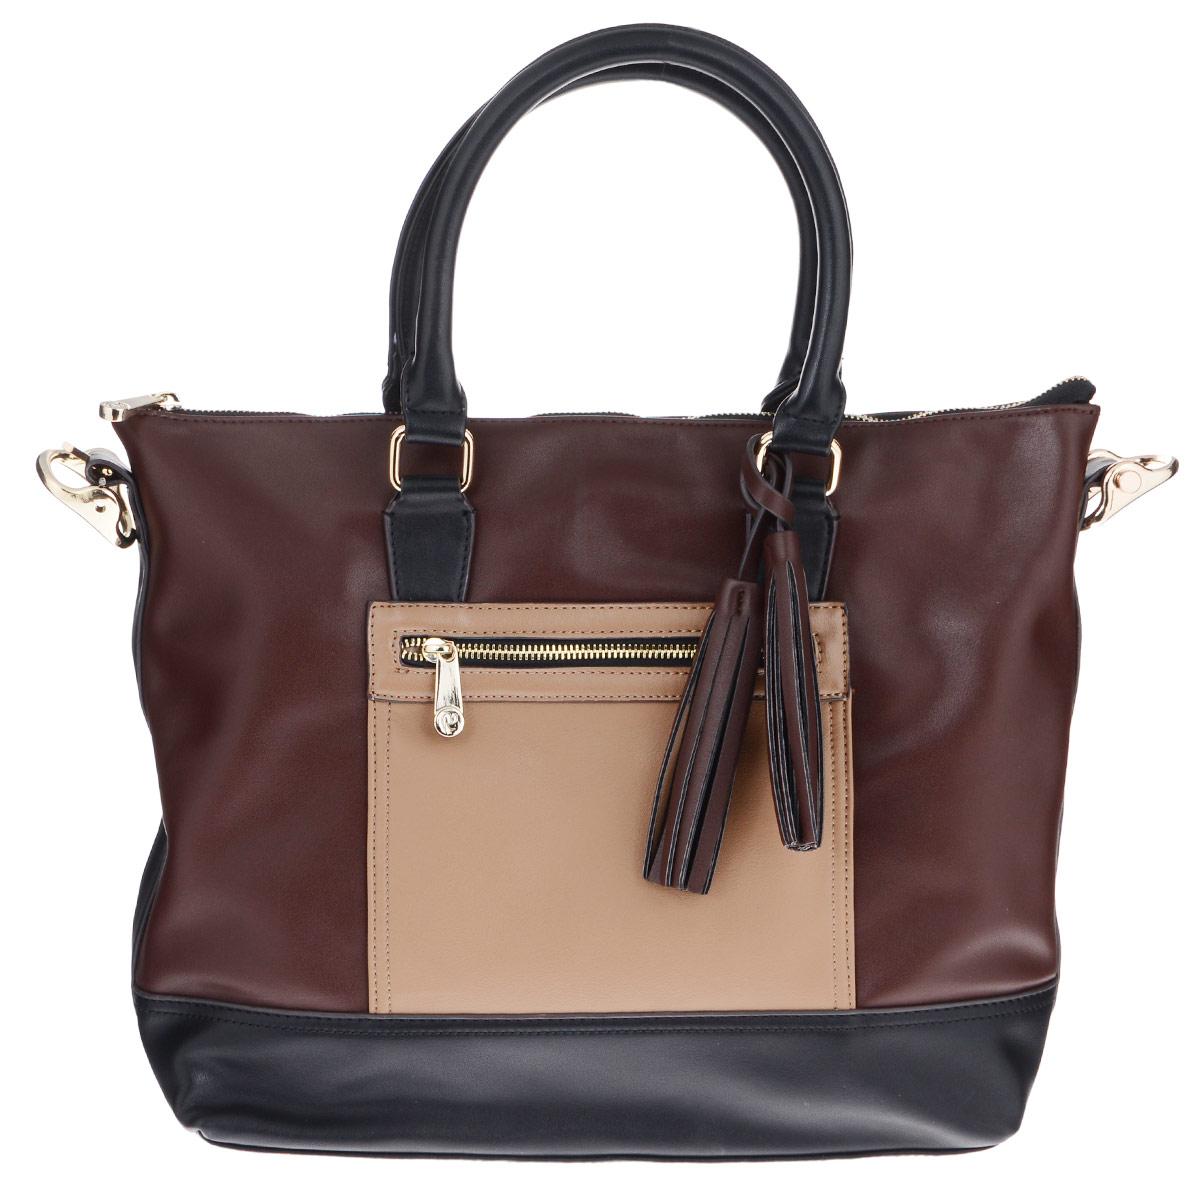 Сумка женская Renee Kler, цвет: коричневый, бежевый, черный. RK100-03RK100-03Стильная женская сумка Renee Kler изготовлена из искусственной кожи и исполнена в трех цветах. Сумка декорирована оригинальным брелоком в виде кисточек. Изделие закрывается на удобную застежку-молнию. Внутри - одно вместительное отделение, разделенное средником на молнии, два накладных кармана для мелочей и врезной карман на застежке-молнии. На лицевой и обратной сторонах сумки расположено по одному врезному карману на молнии. Дно дополнено металлическими ножками, защищающими изделие от повреждений. В комплект с сумкой входит съемный плечевой ремень. Изделие упаковано в фирменный чехол. Роскошная сумка внесет элегантные нотки в образ и подчеркнет ваше отменное чувство стиля.